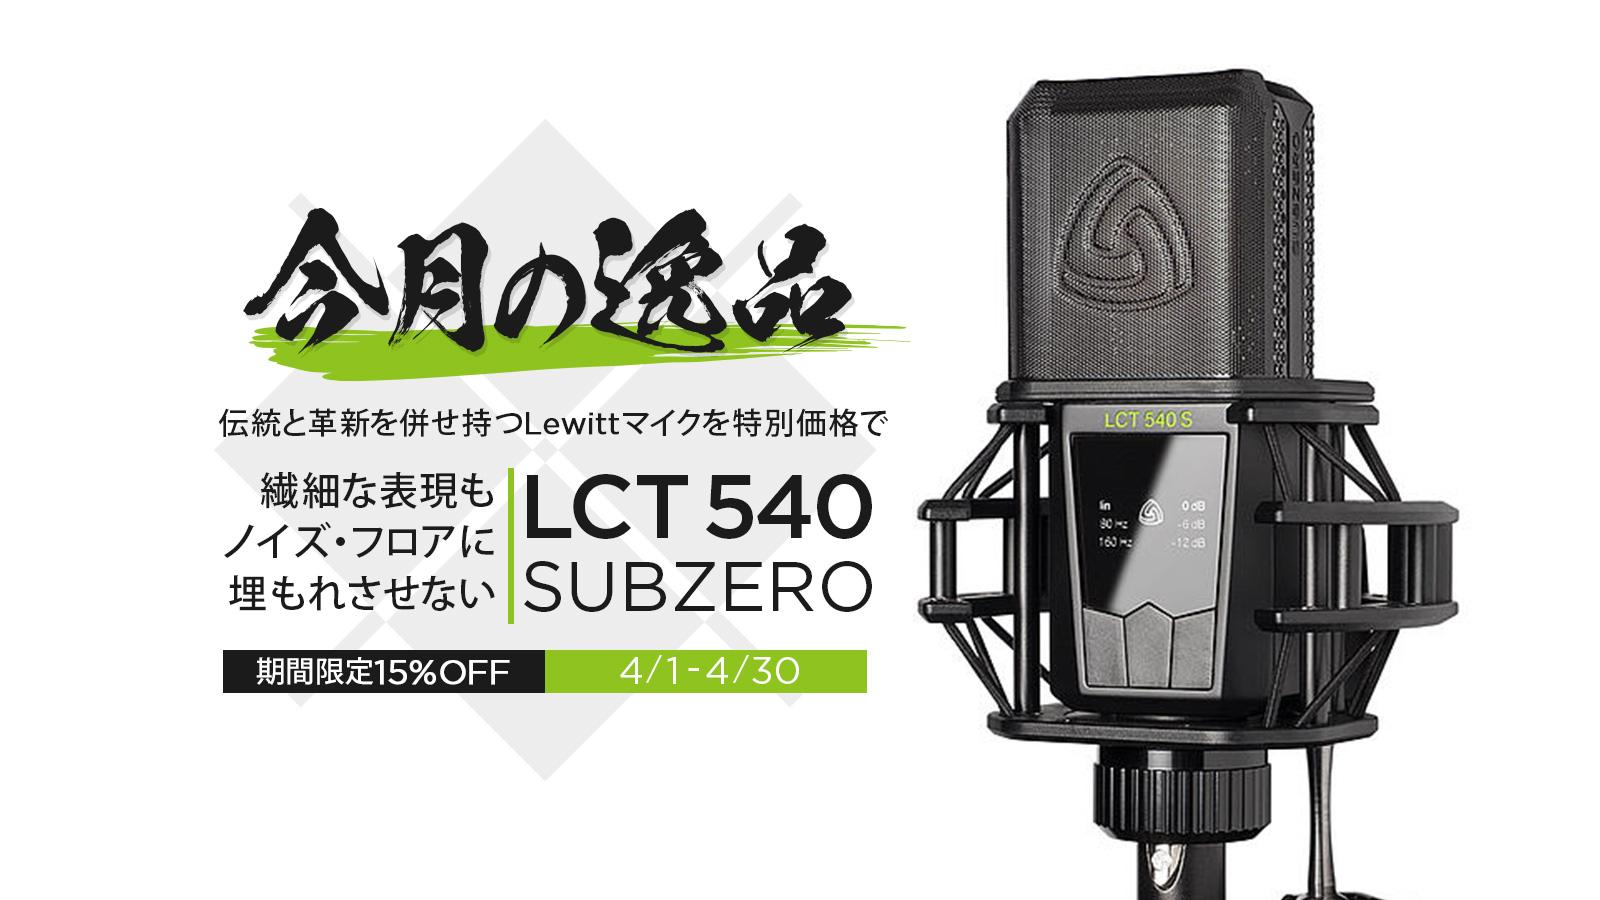 – 今月の逸品 – 伝統と革新を併せ持つLewittマイクから、LCT 540 SUBZEROを15%オフの特別価格で